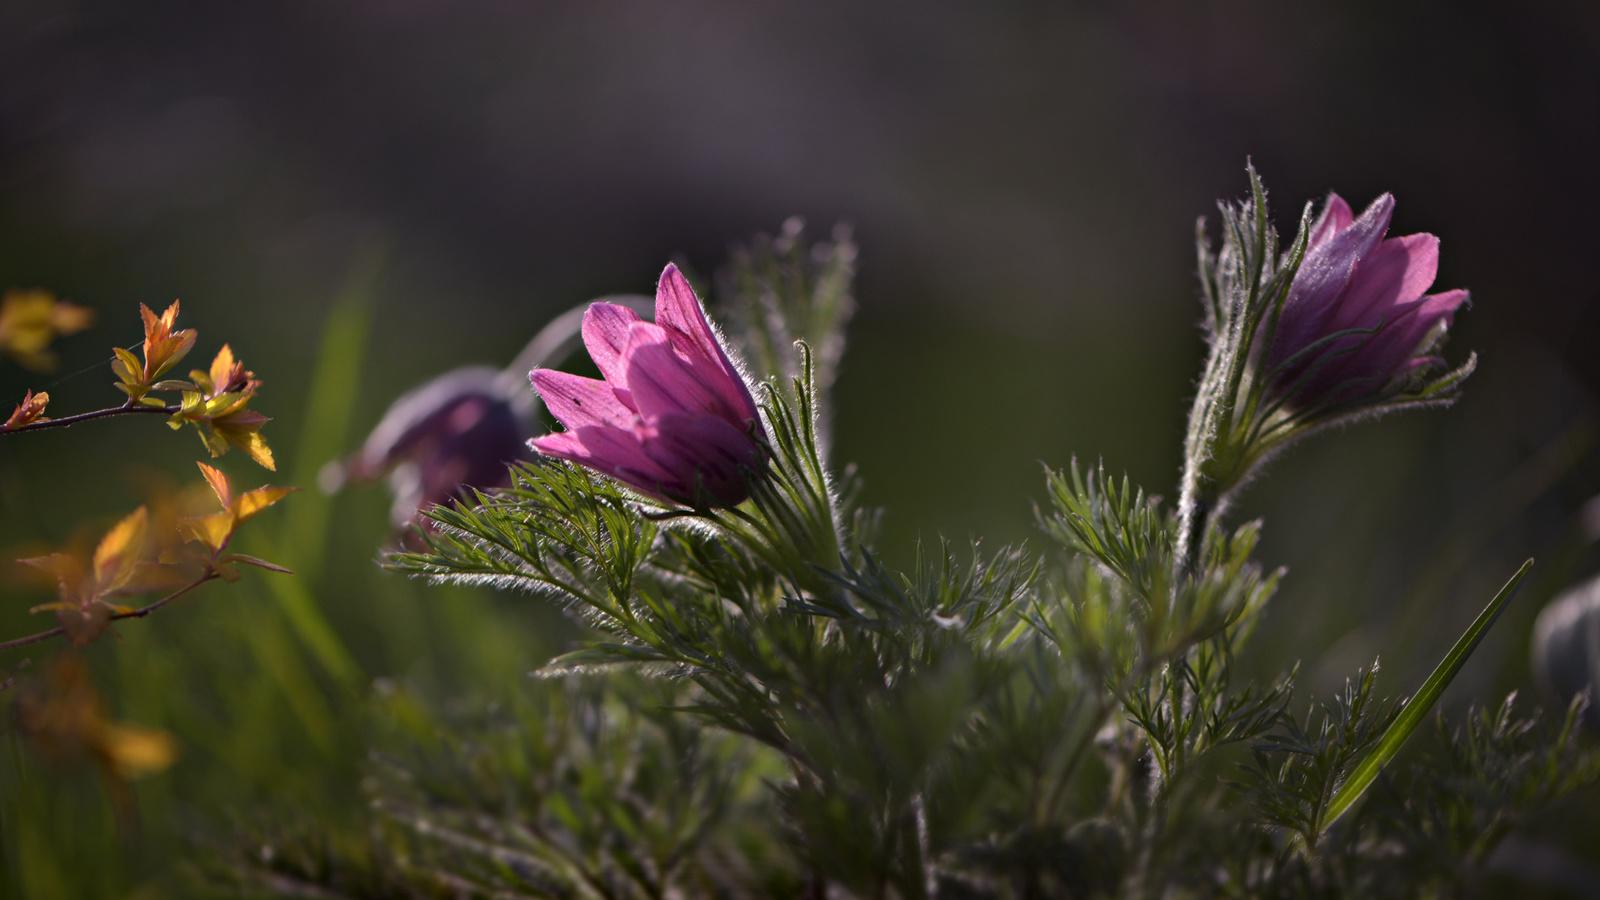 листья, макро, цветы, ветки, природа, весна, флора, сон-трава, прострел, неля рачкова